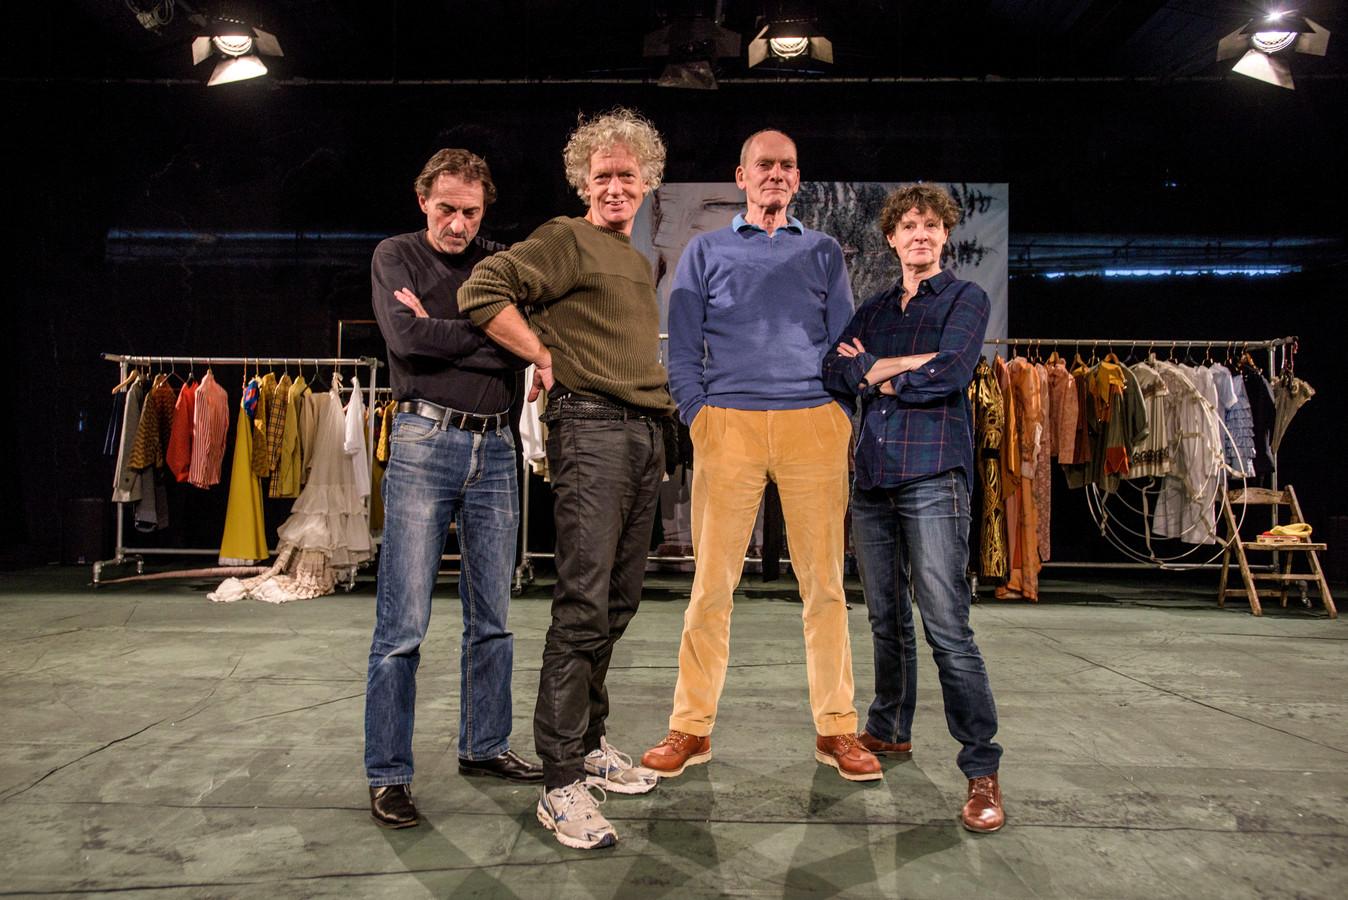 Zuidelijk Toneel, Liefdesverklaring met Cas Enklaar Marien Jongewaard Rene van t Hof en Antoinette Jelgersma